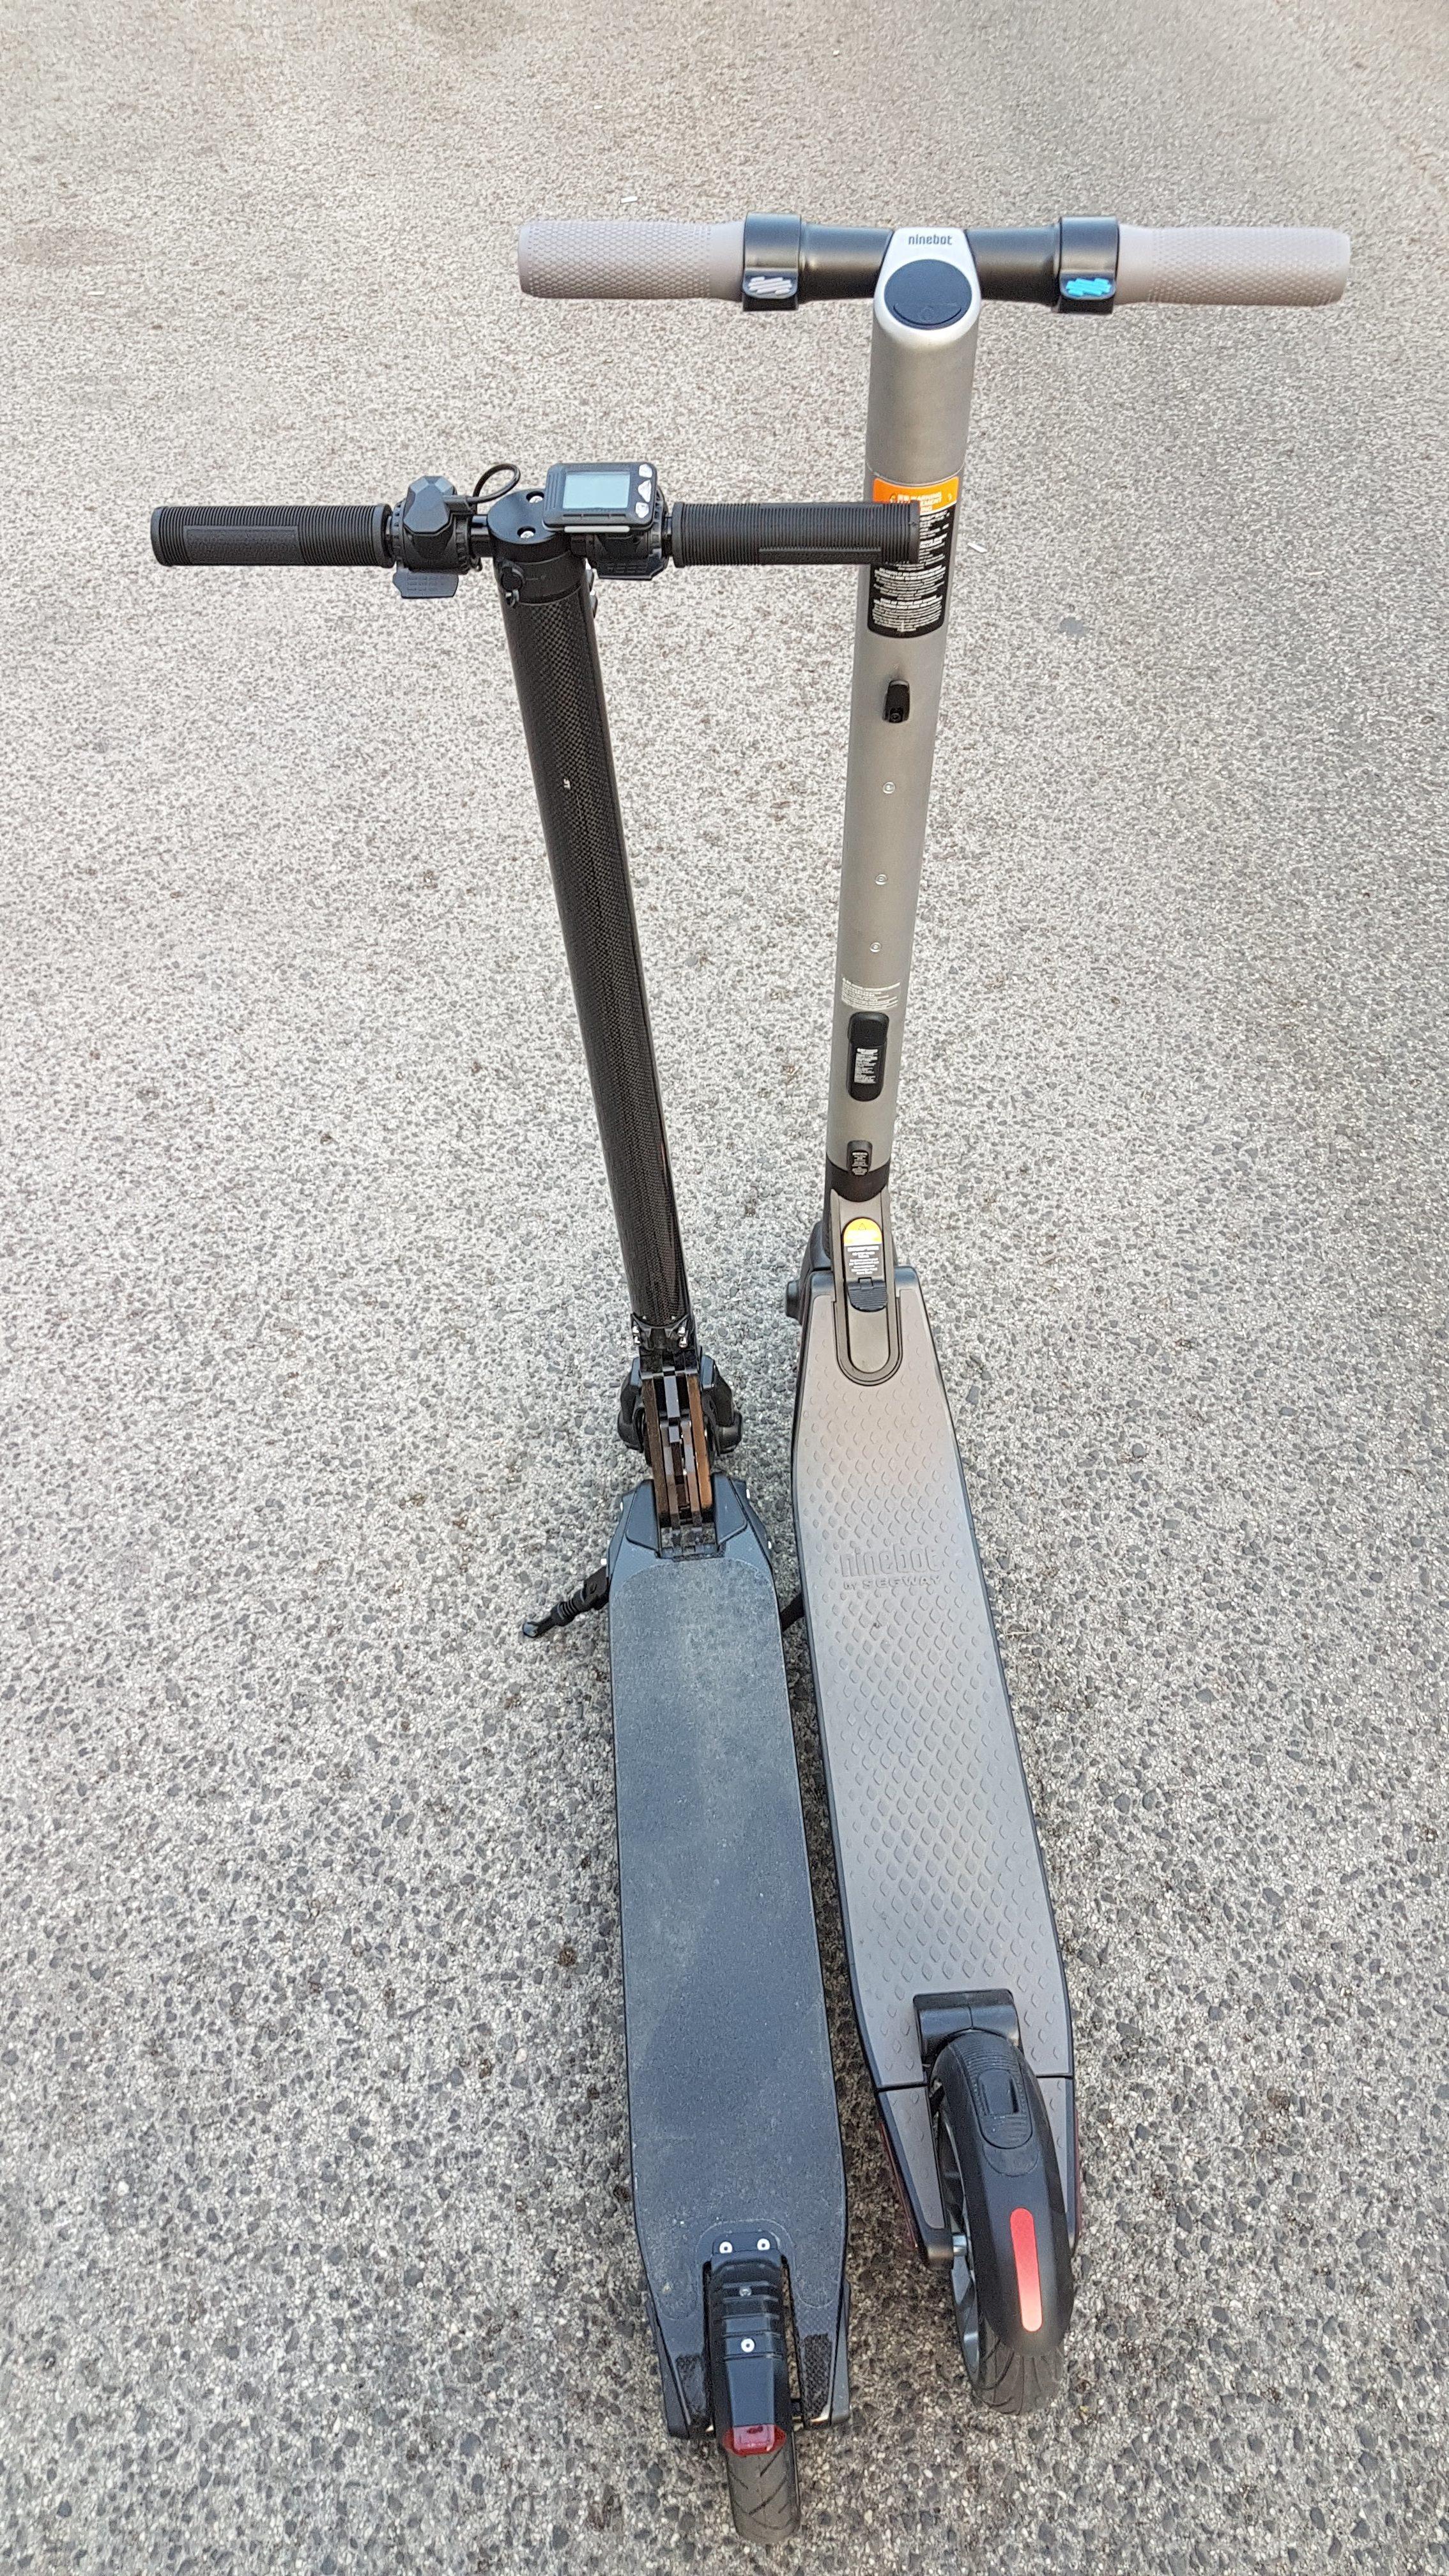 carbon-fiber-a-hordozhato-elektromos-roller-teszt-osszecsukhato-6600mAh-akkumulator-akksi-5.5-colos-kerek-25